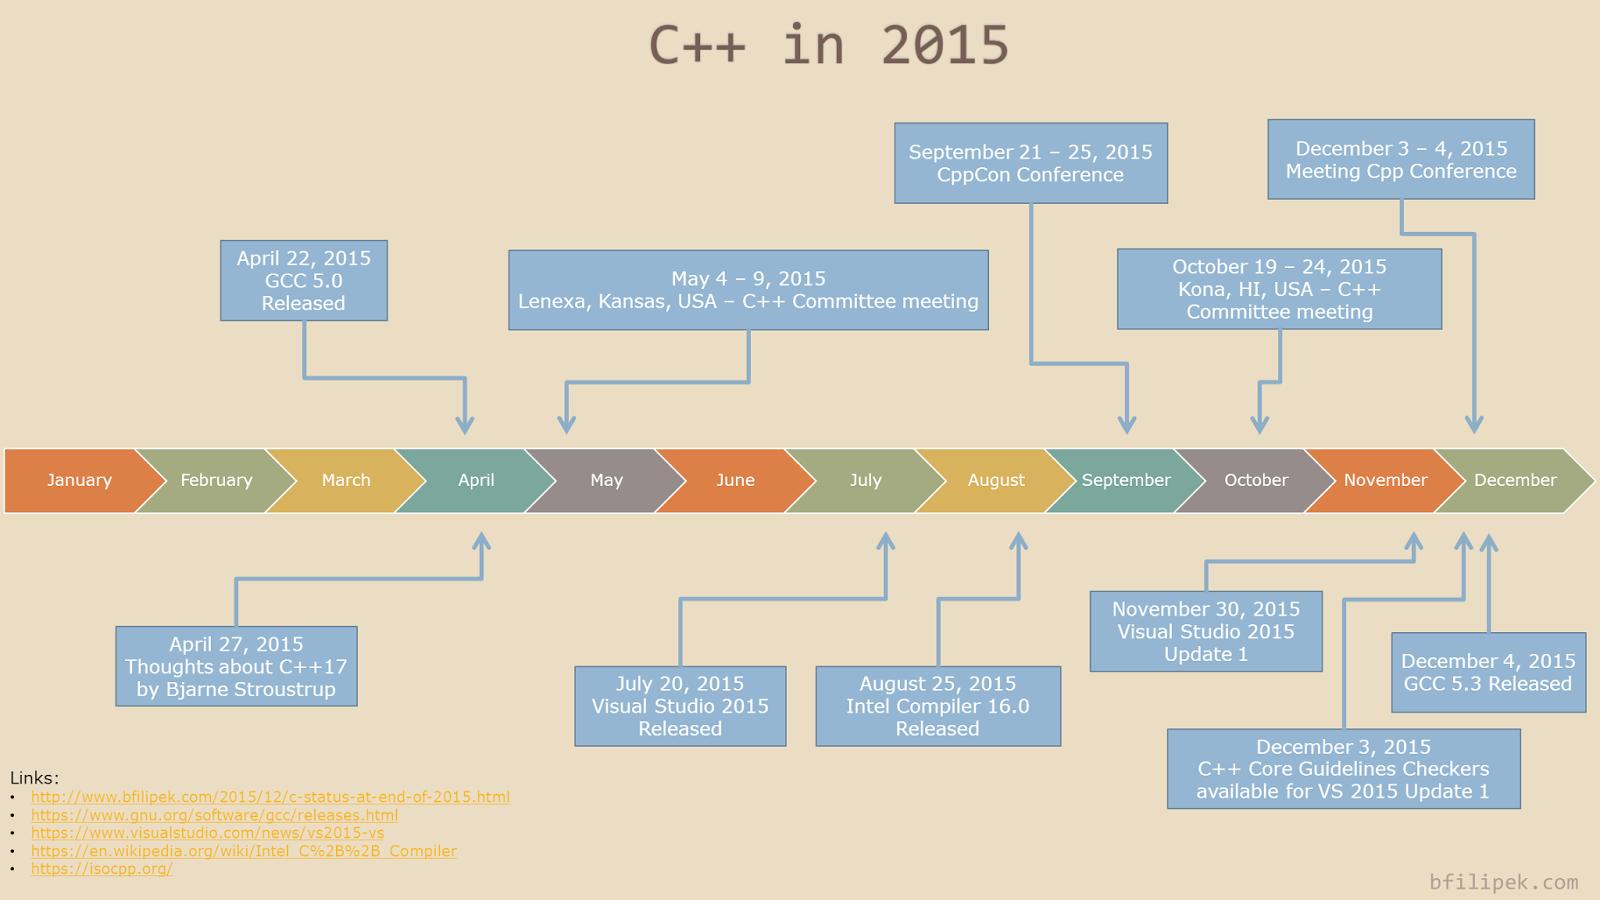 C++ in 2015 timeline